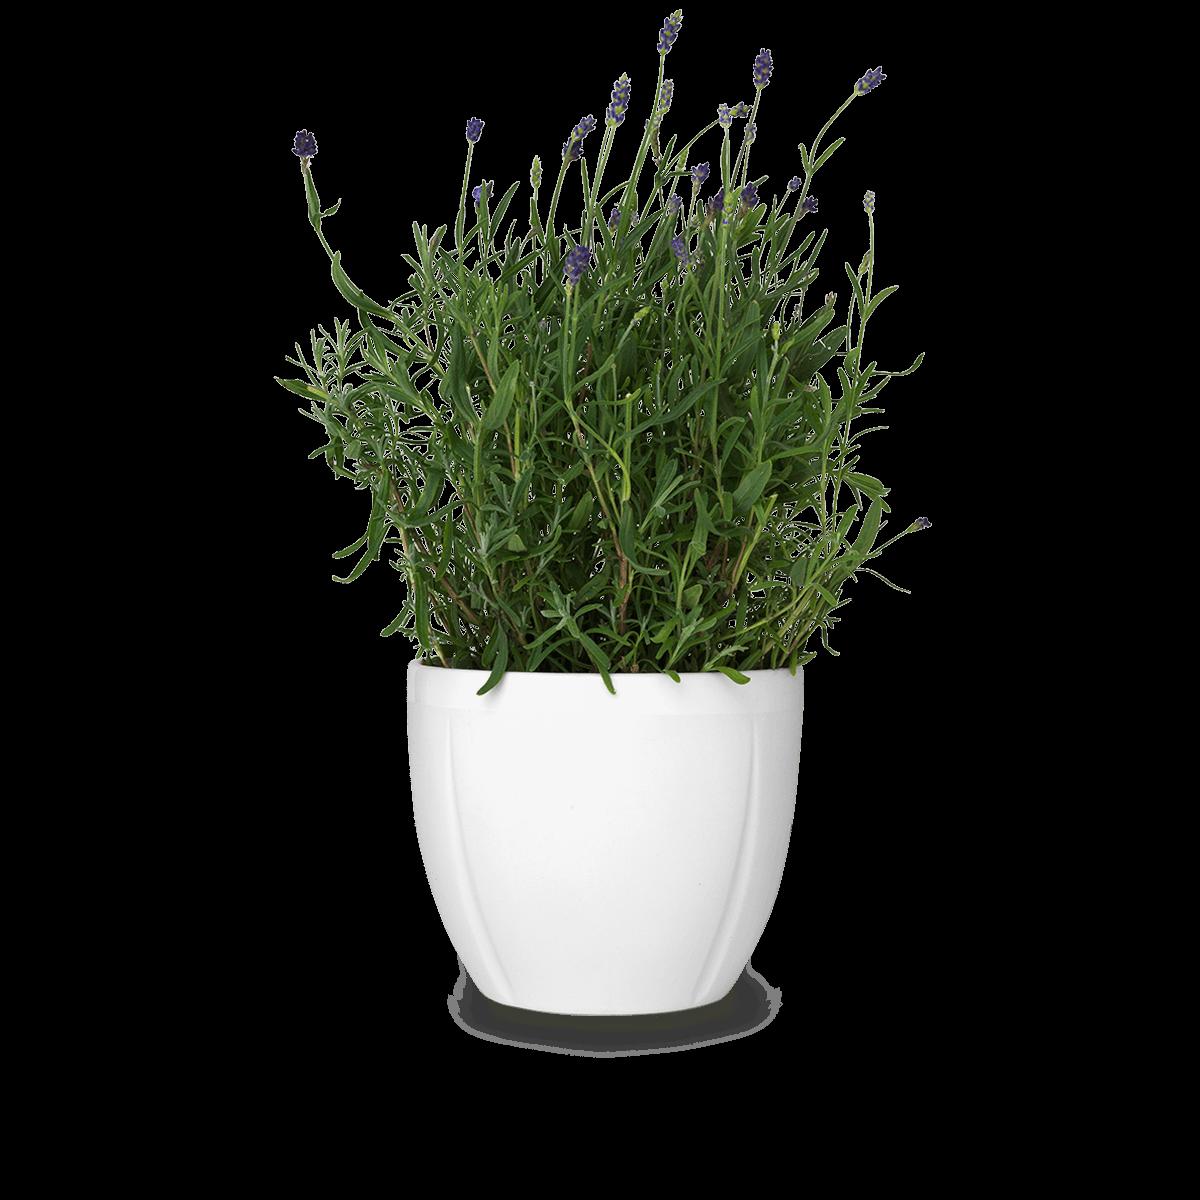 Gc-flowerpot-oe16-cm-grand-cru PlusPng.com  - Flower Pot PNG